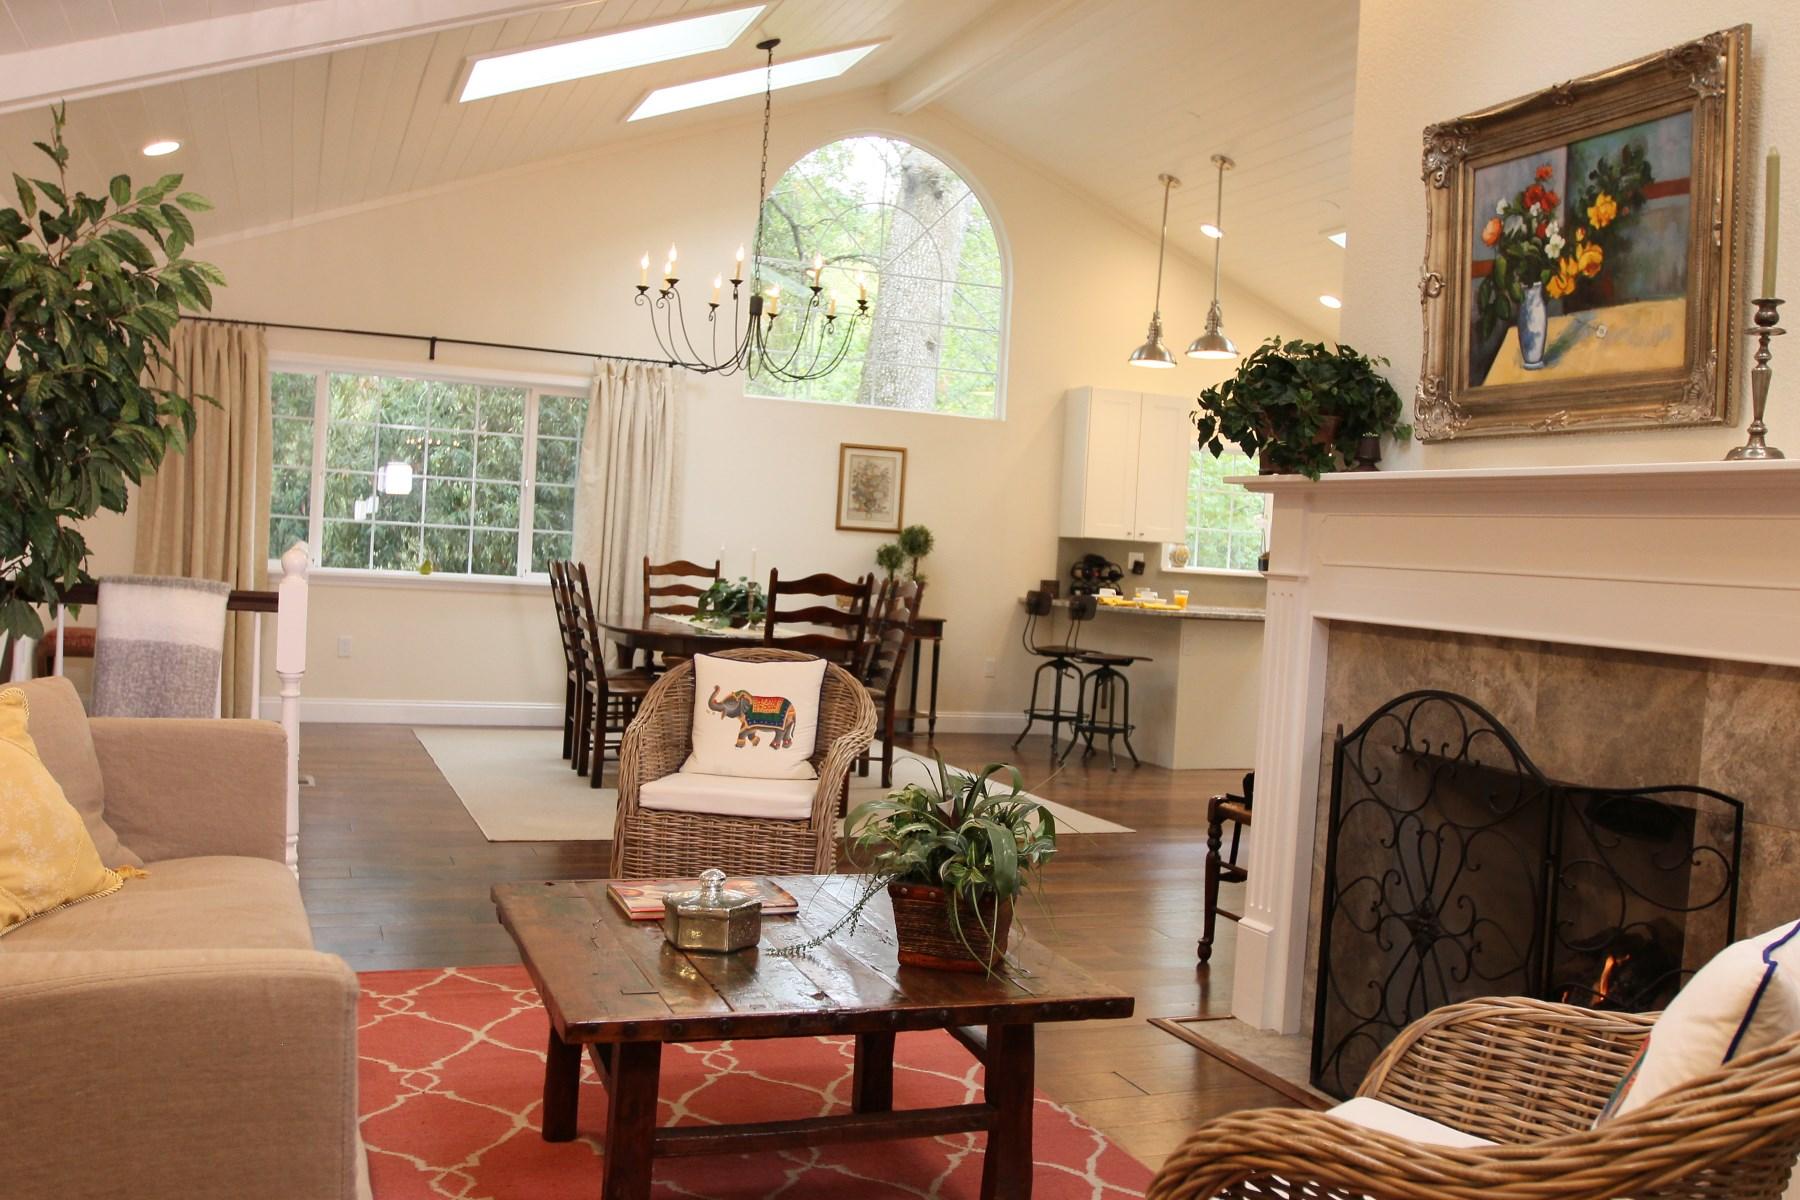 Частный односемейный дом для того Продажа на Jack London's Enclave 4357 Lakeside Rd Glen Ellen, Калифорния 95442 Соединенные Штаты